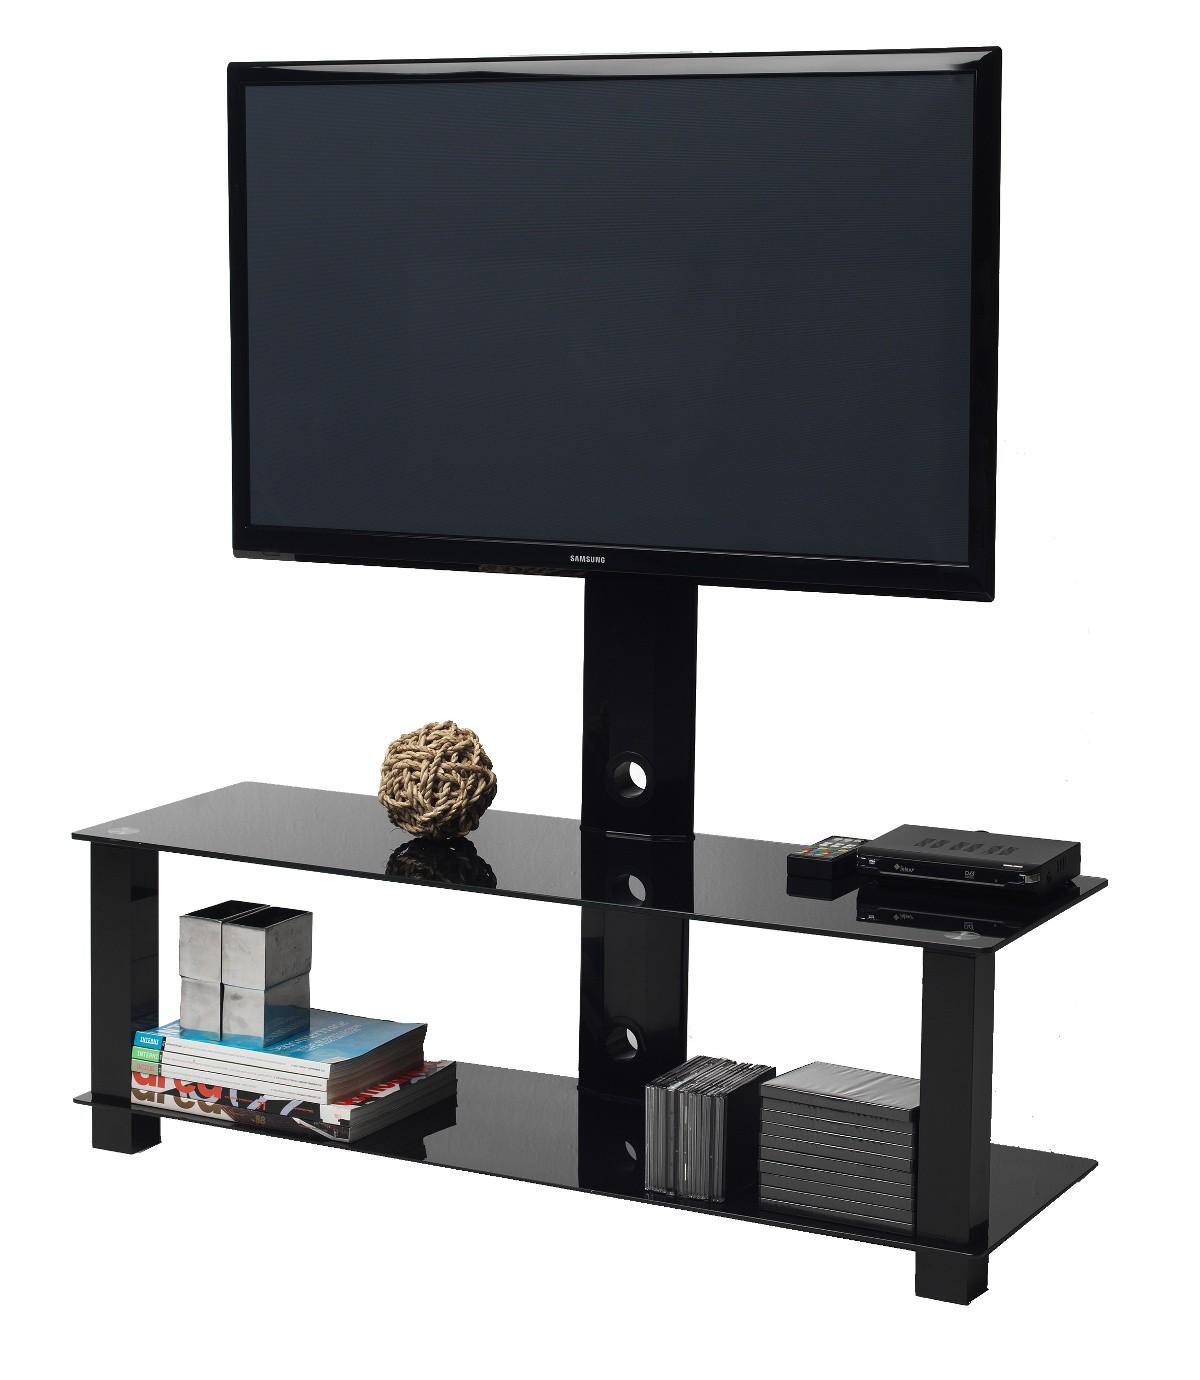 Angolo Tv Moderno mobili porta tv moderni: scopri le novità!